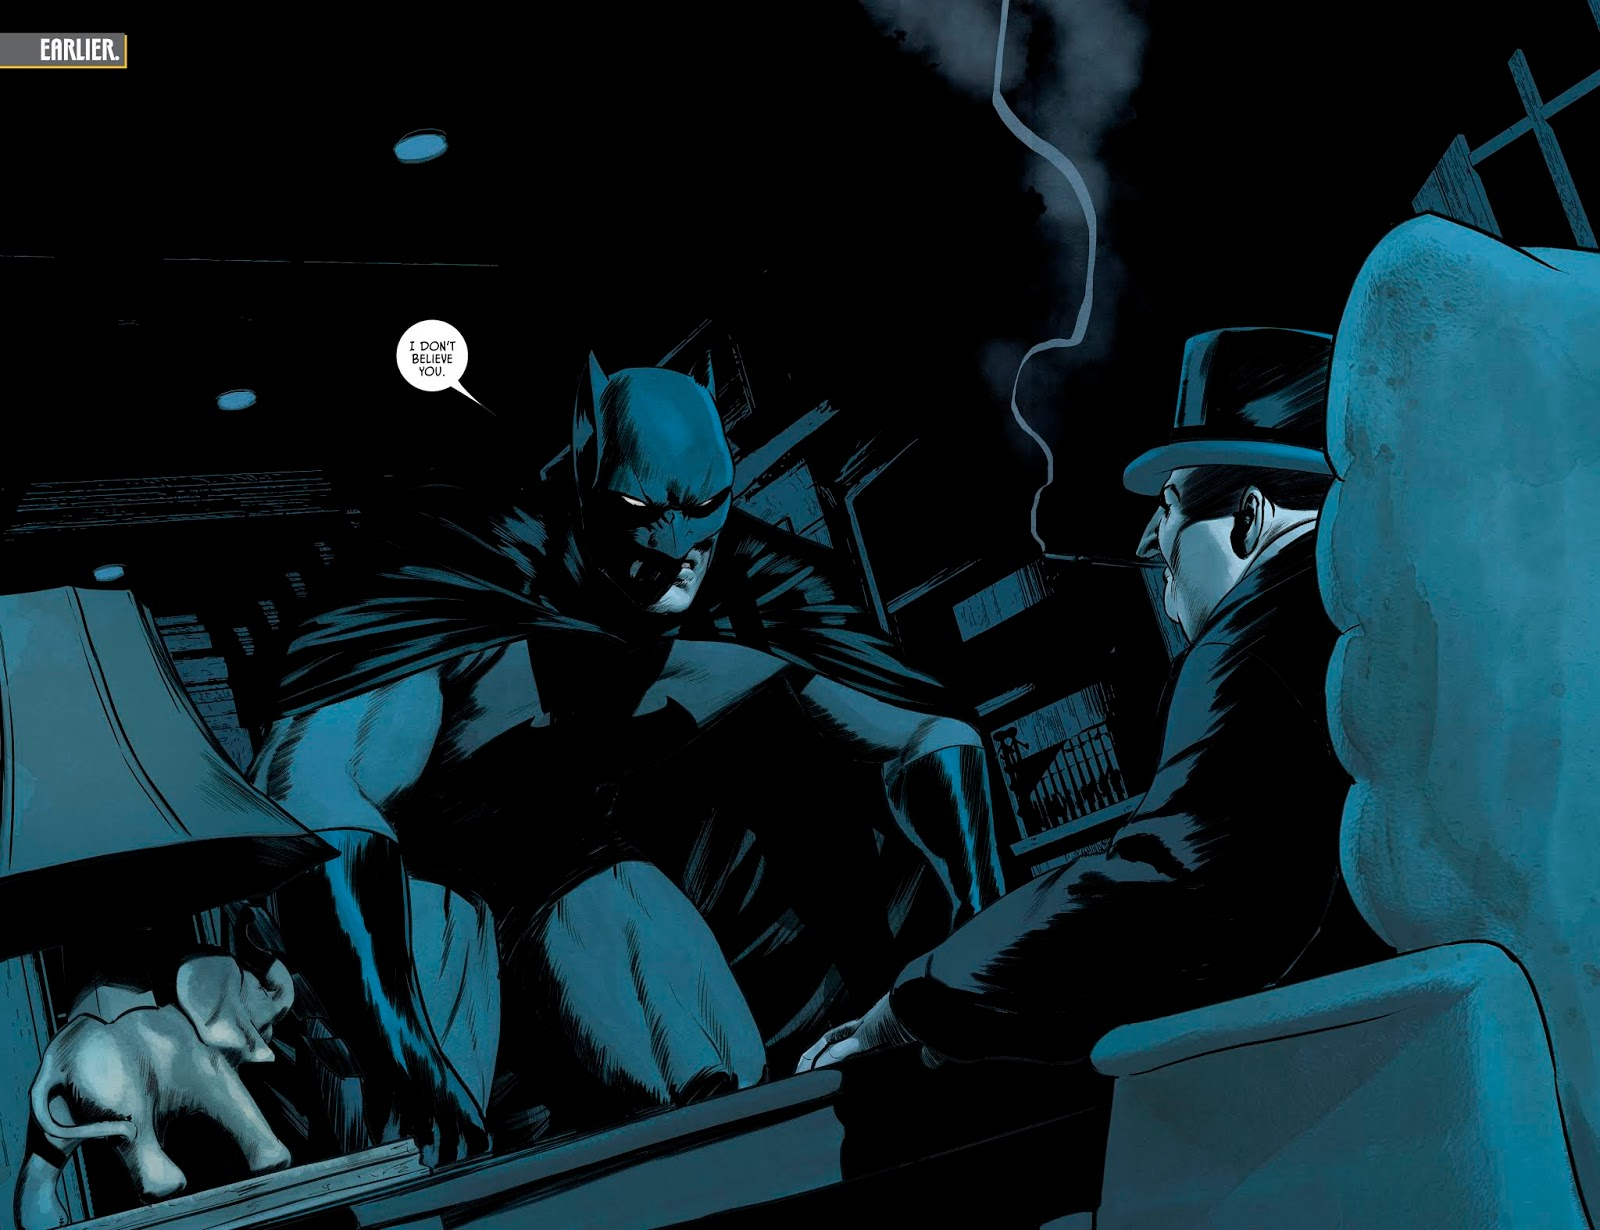 Batman Vol. 3 #59